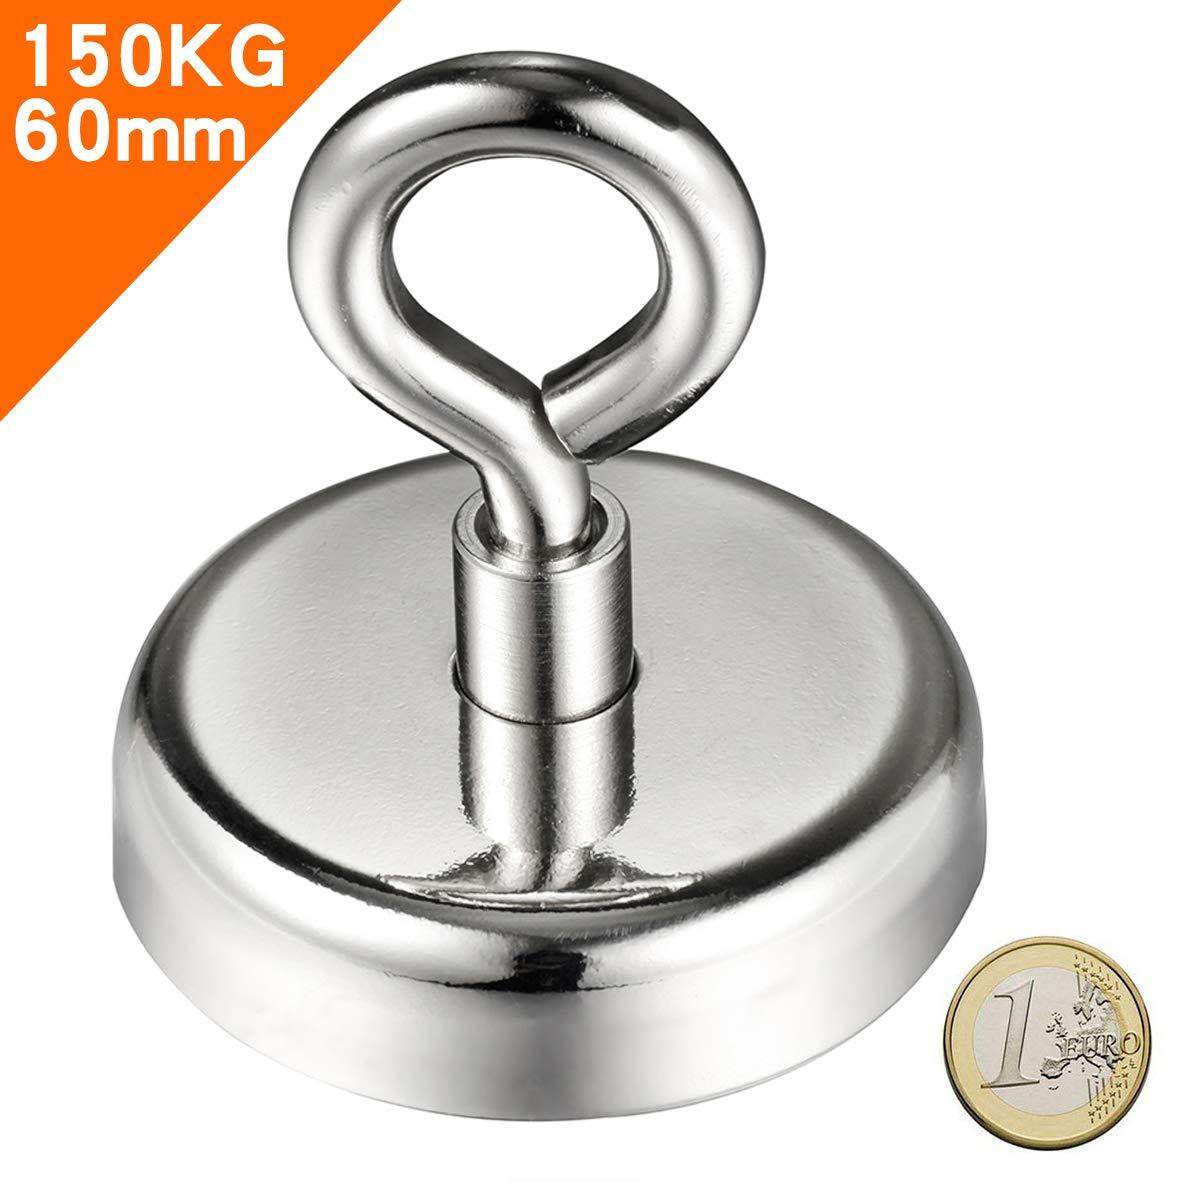 Force de traction 132Kg pour la p/êche magn/étiqu Wukong Aimant N/éodyme Puissant avec une corde de 66 pieds,Diam/ètre 60mm Epaisseur 15mm